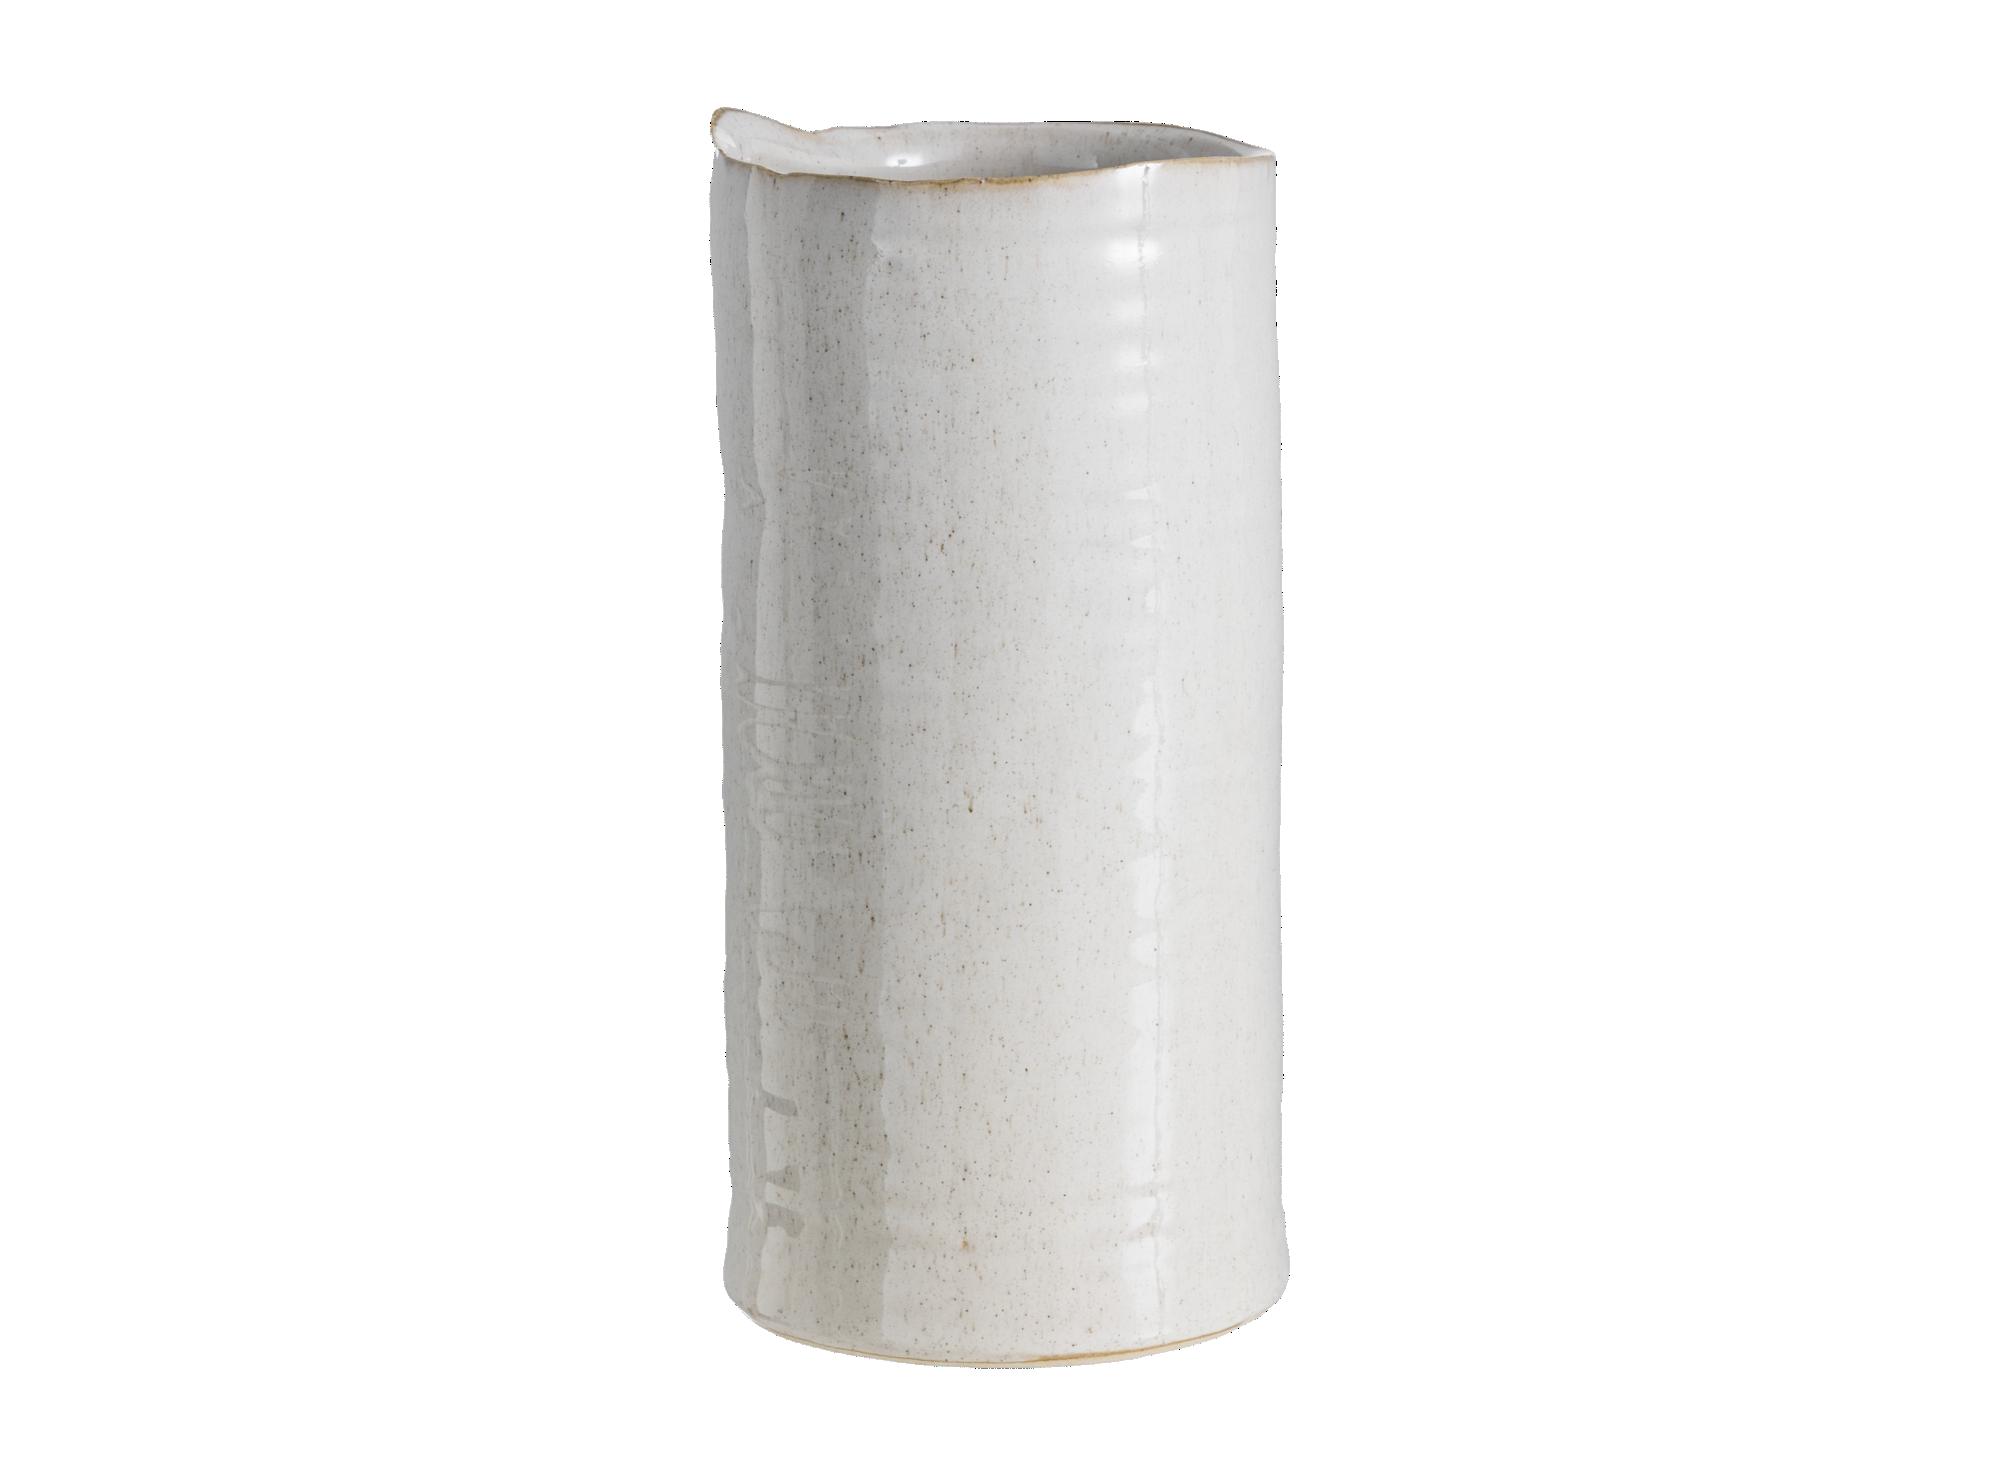 Vase en ceramique h23cm -  coloris beige